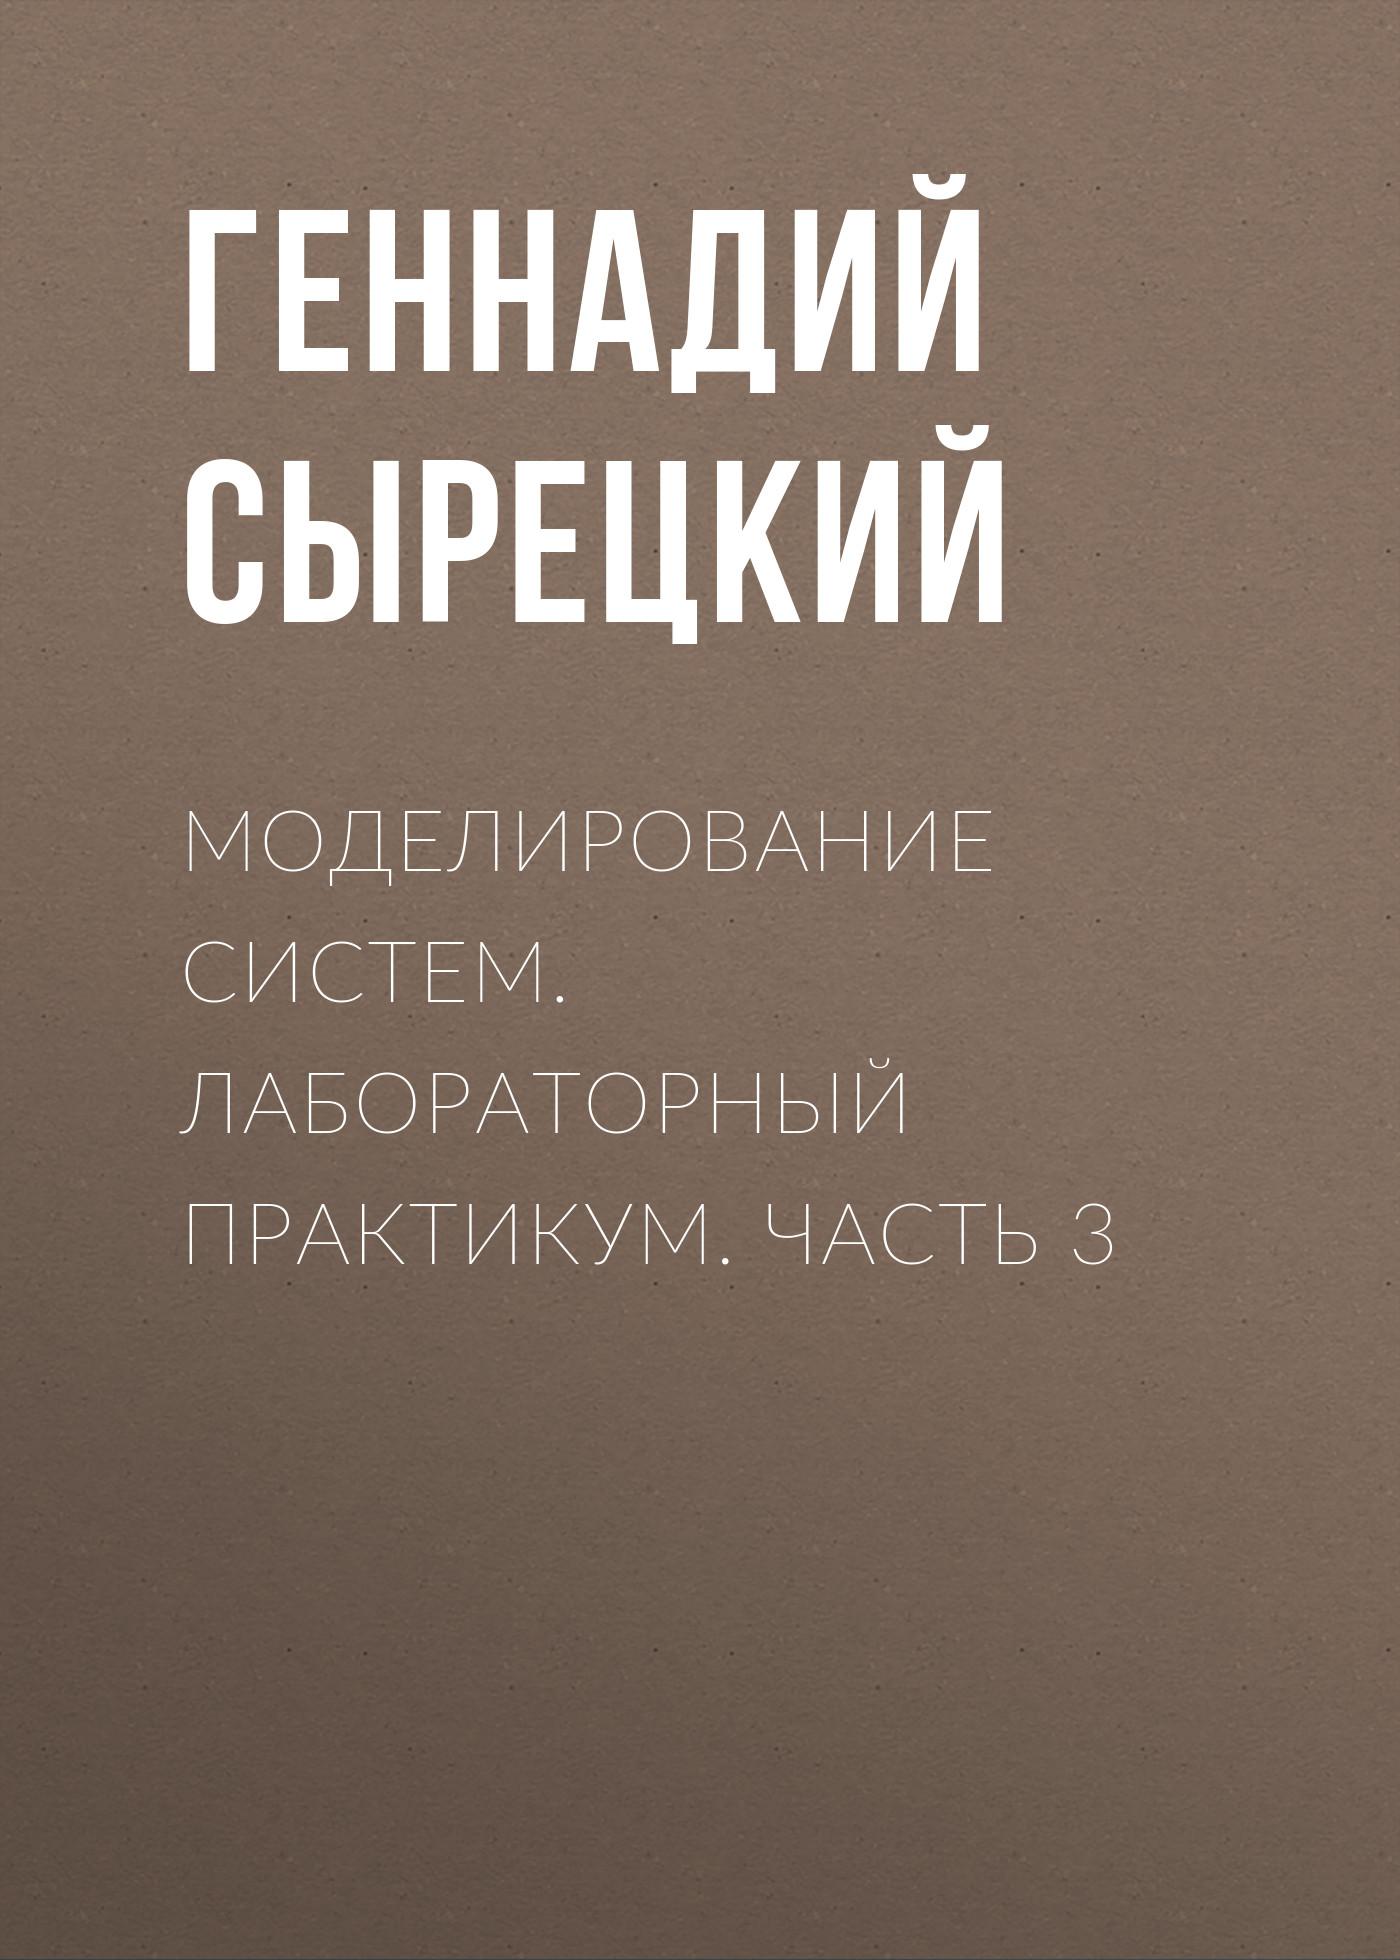 Геннадий Сырецкий Моделирование систем. Лабораторный практикум. Часть 3 ю б сениченков моделирование систем практикум по компьютерному моделированию